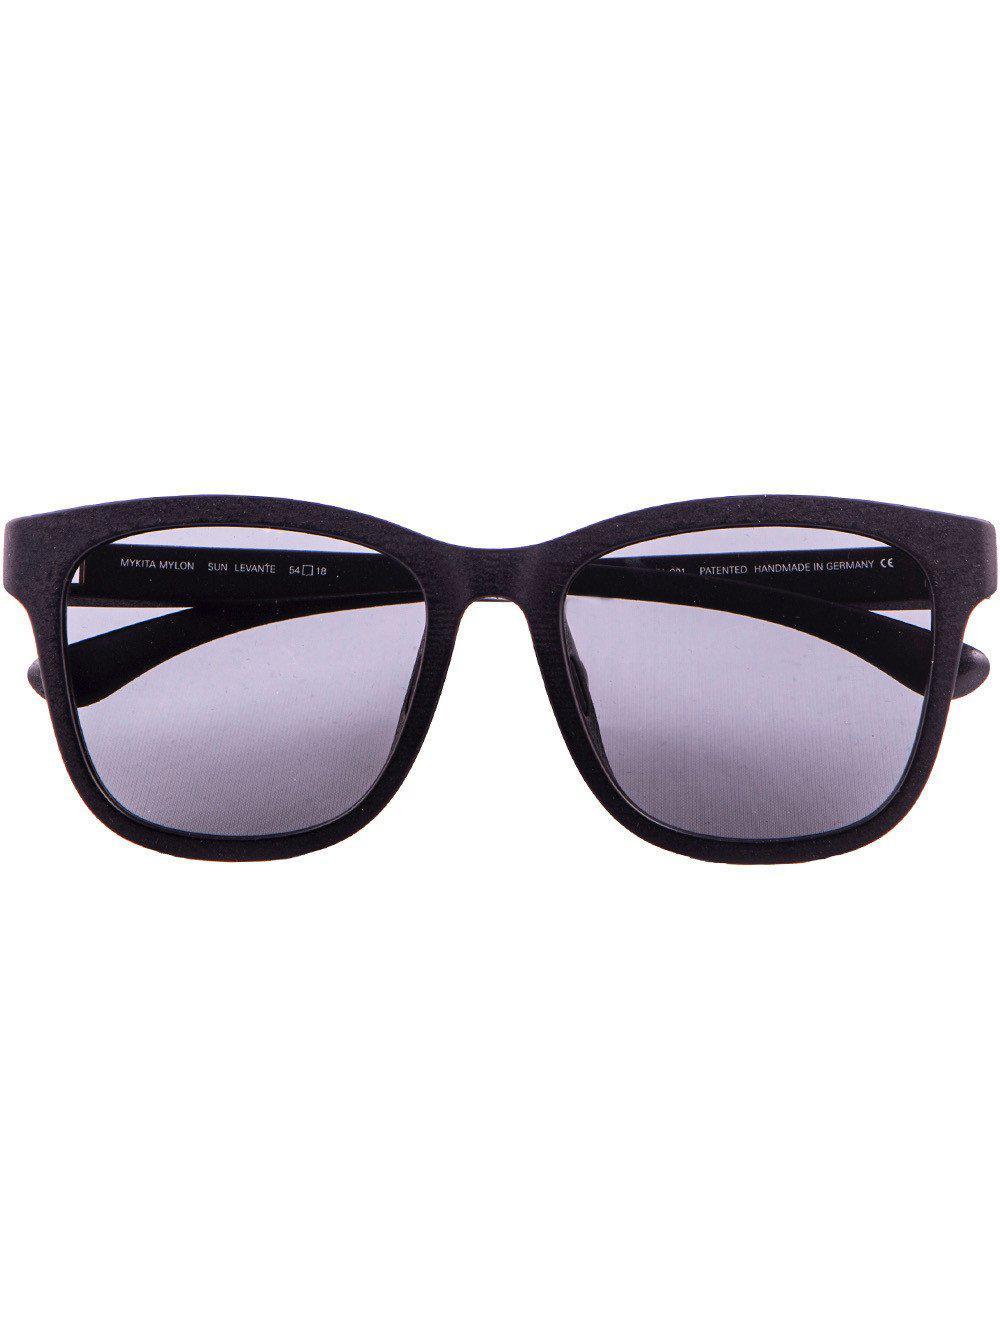 1e7aa367a9 Lyst - Mykita Mylon Levante Sunglasses in Black